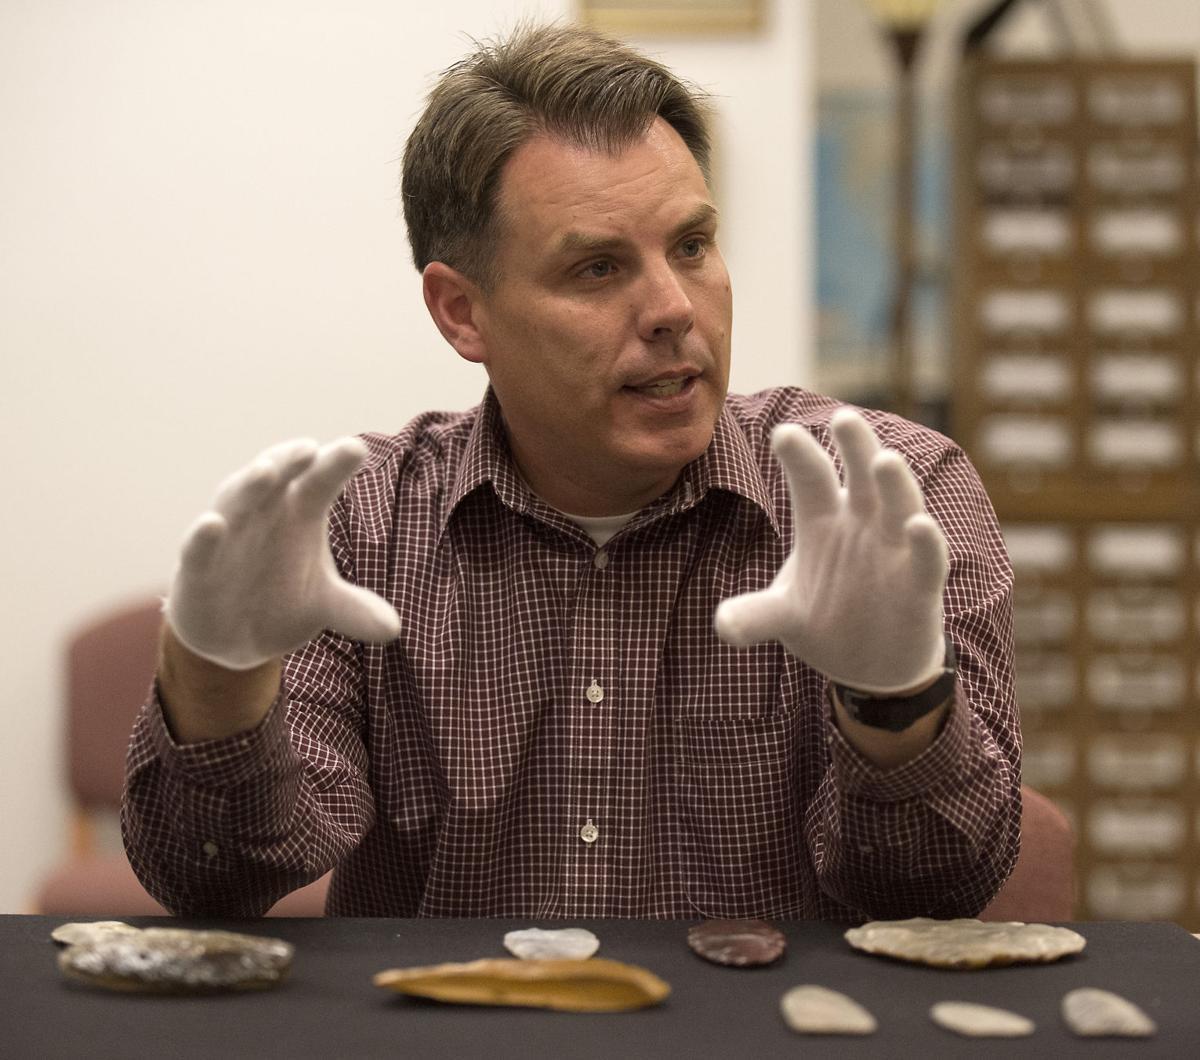 Clovis artifacts at Herrett Center